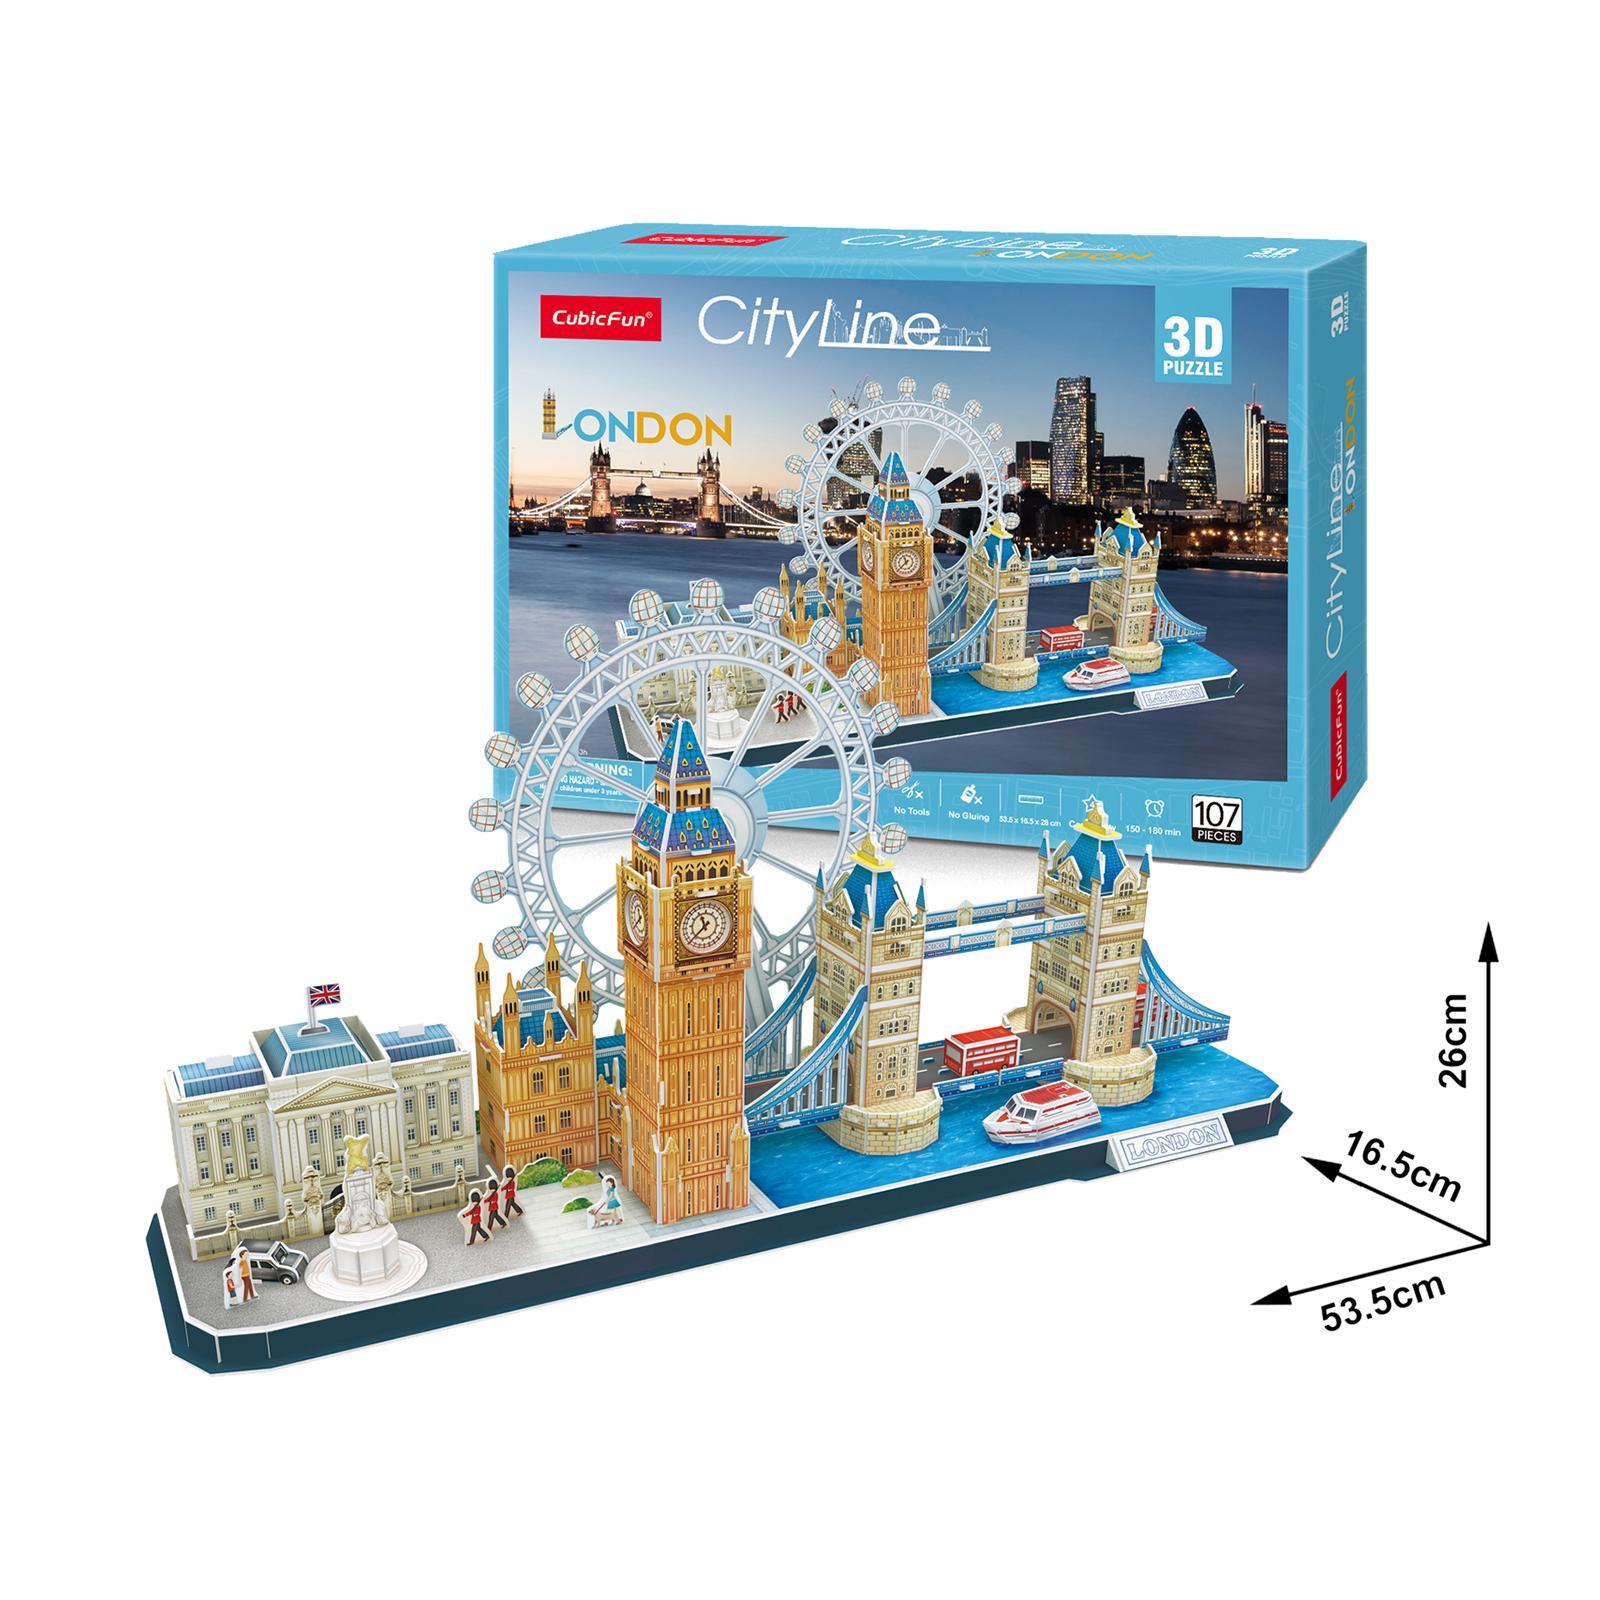 City Line London Size 53.5*16.5*26 cm Total 107 pcs.